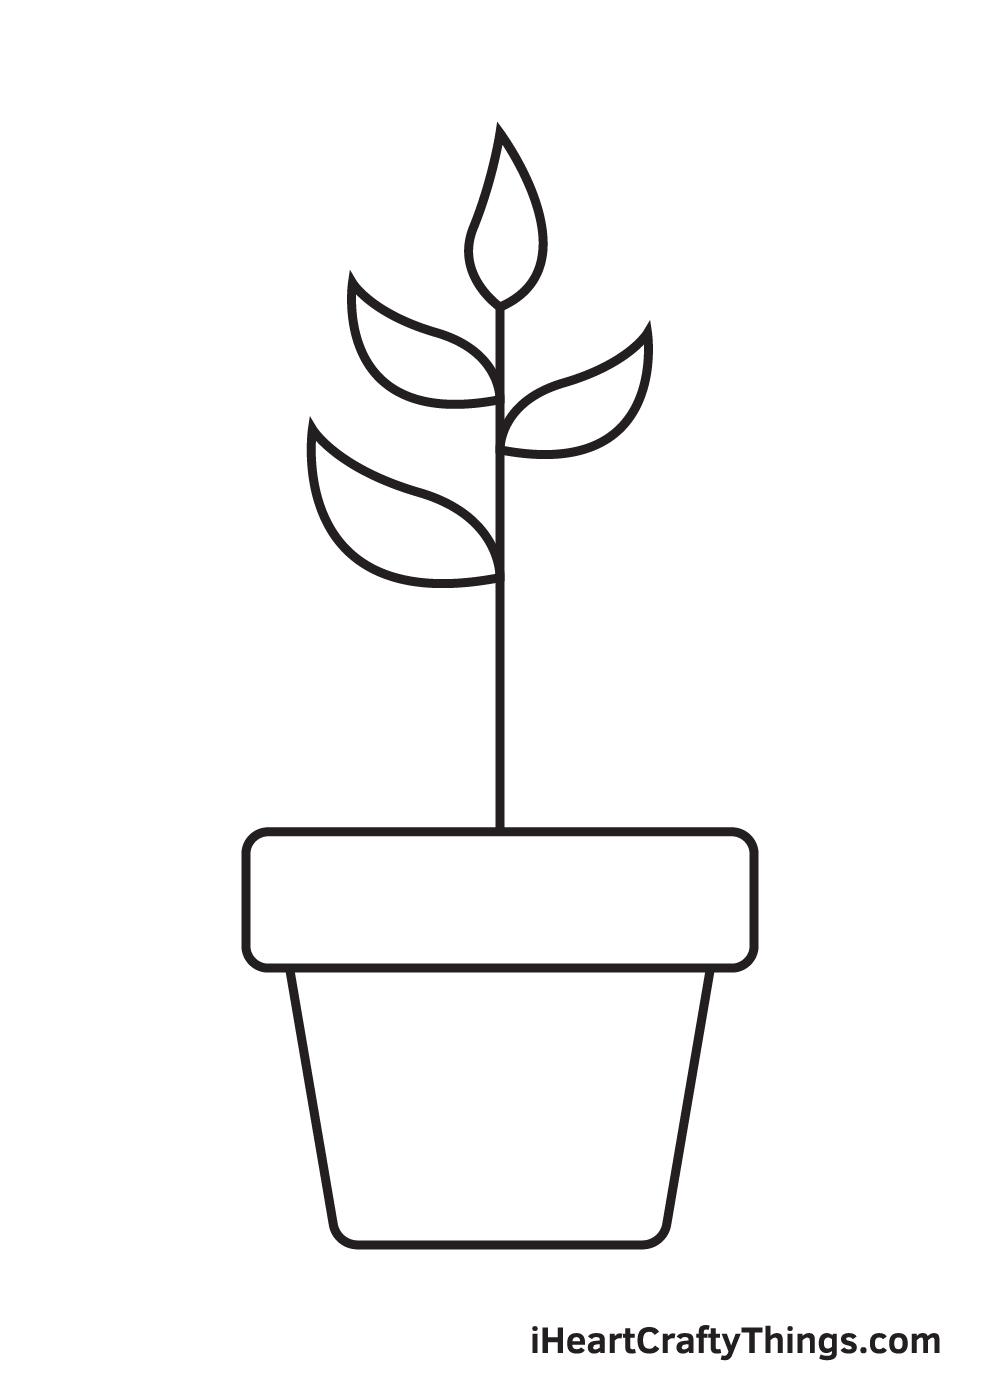 Bản vẽ thực vật - Bước 6